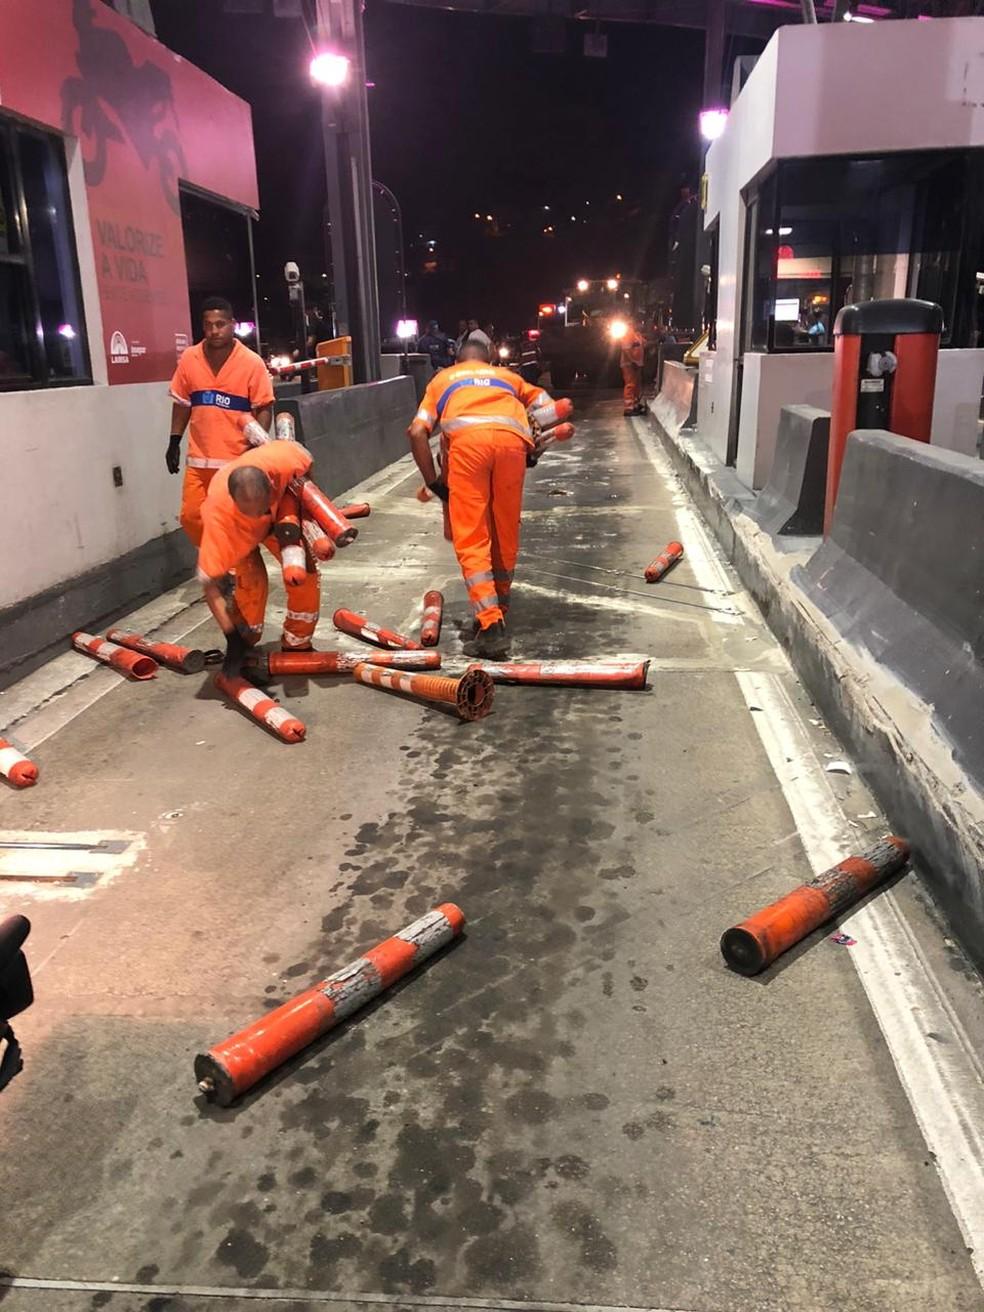 Funcionários da Prefeitura da Rio retiram cancelas e bloqueios do pedágio da Linha Amarela na noite deste domingo (27) — Foto: Divulgação